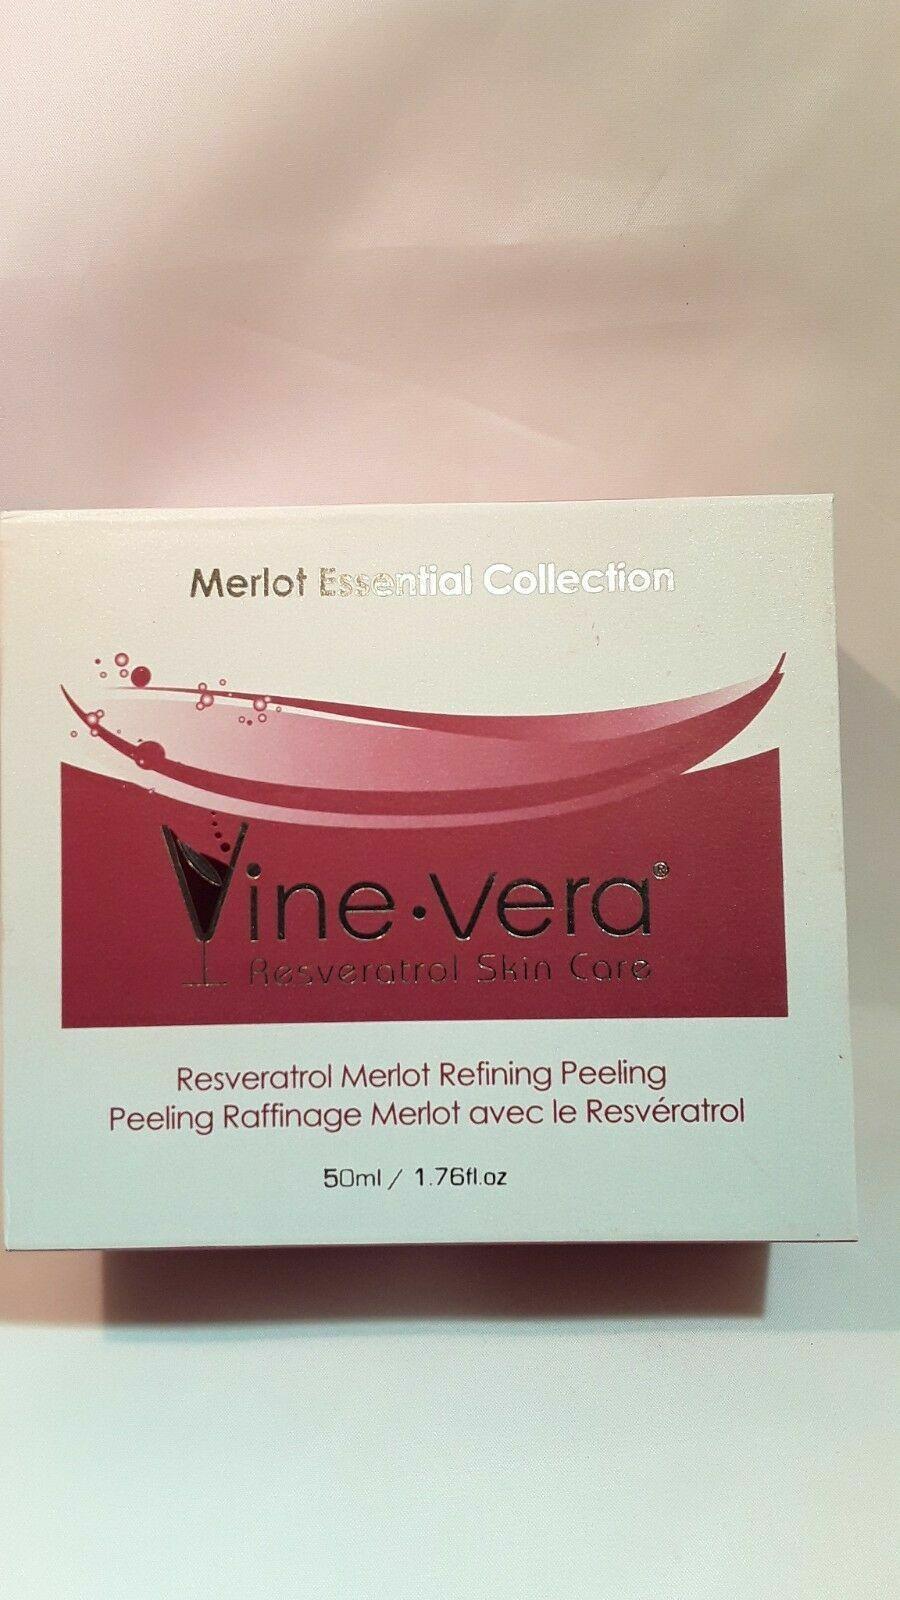 Vine Vera Resveratrol Merlot Refining Peeling 50ml For Sale Online Ebay